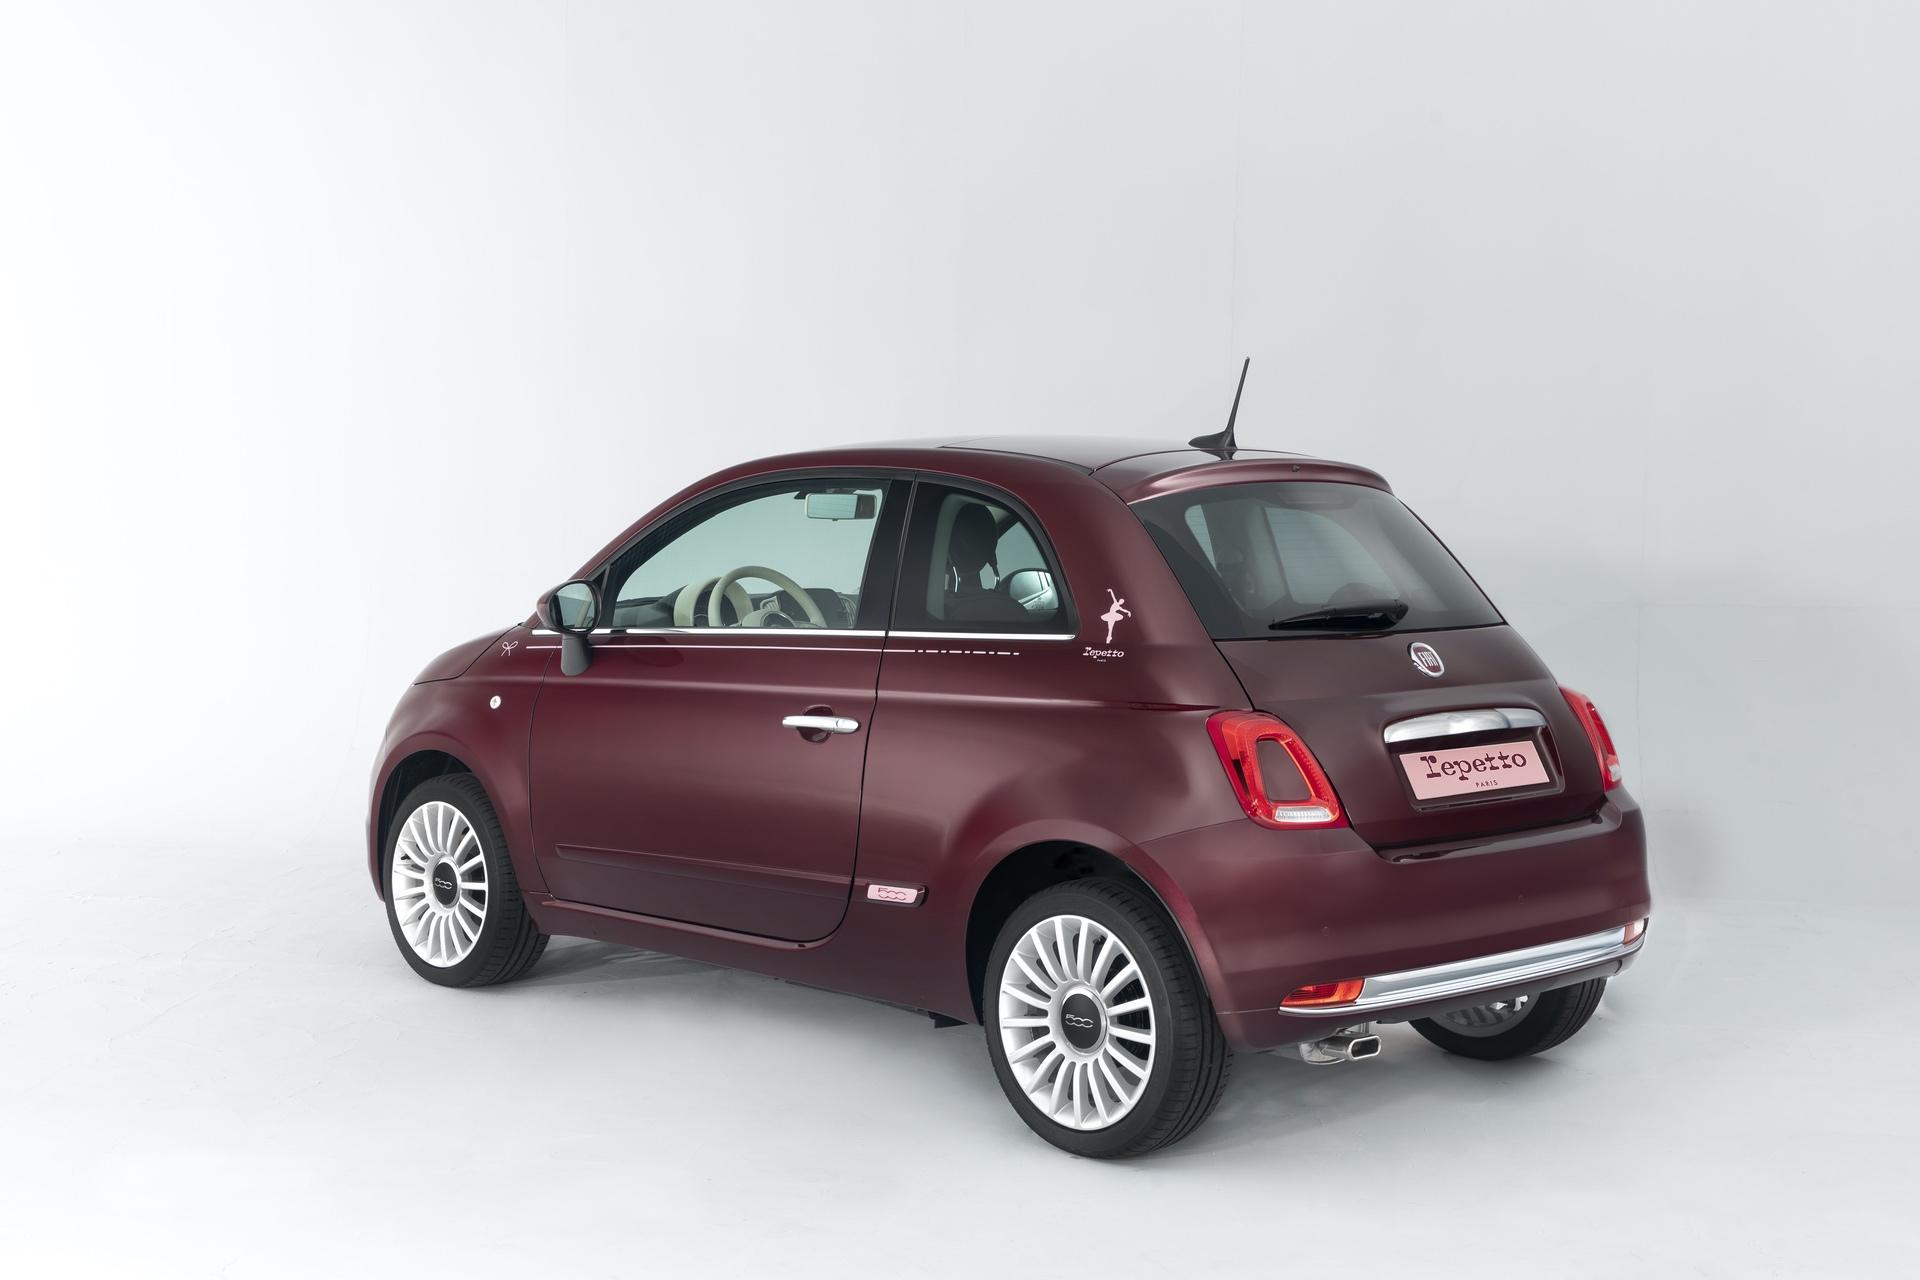 Fiat_500_Repetto_0030